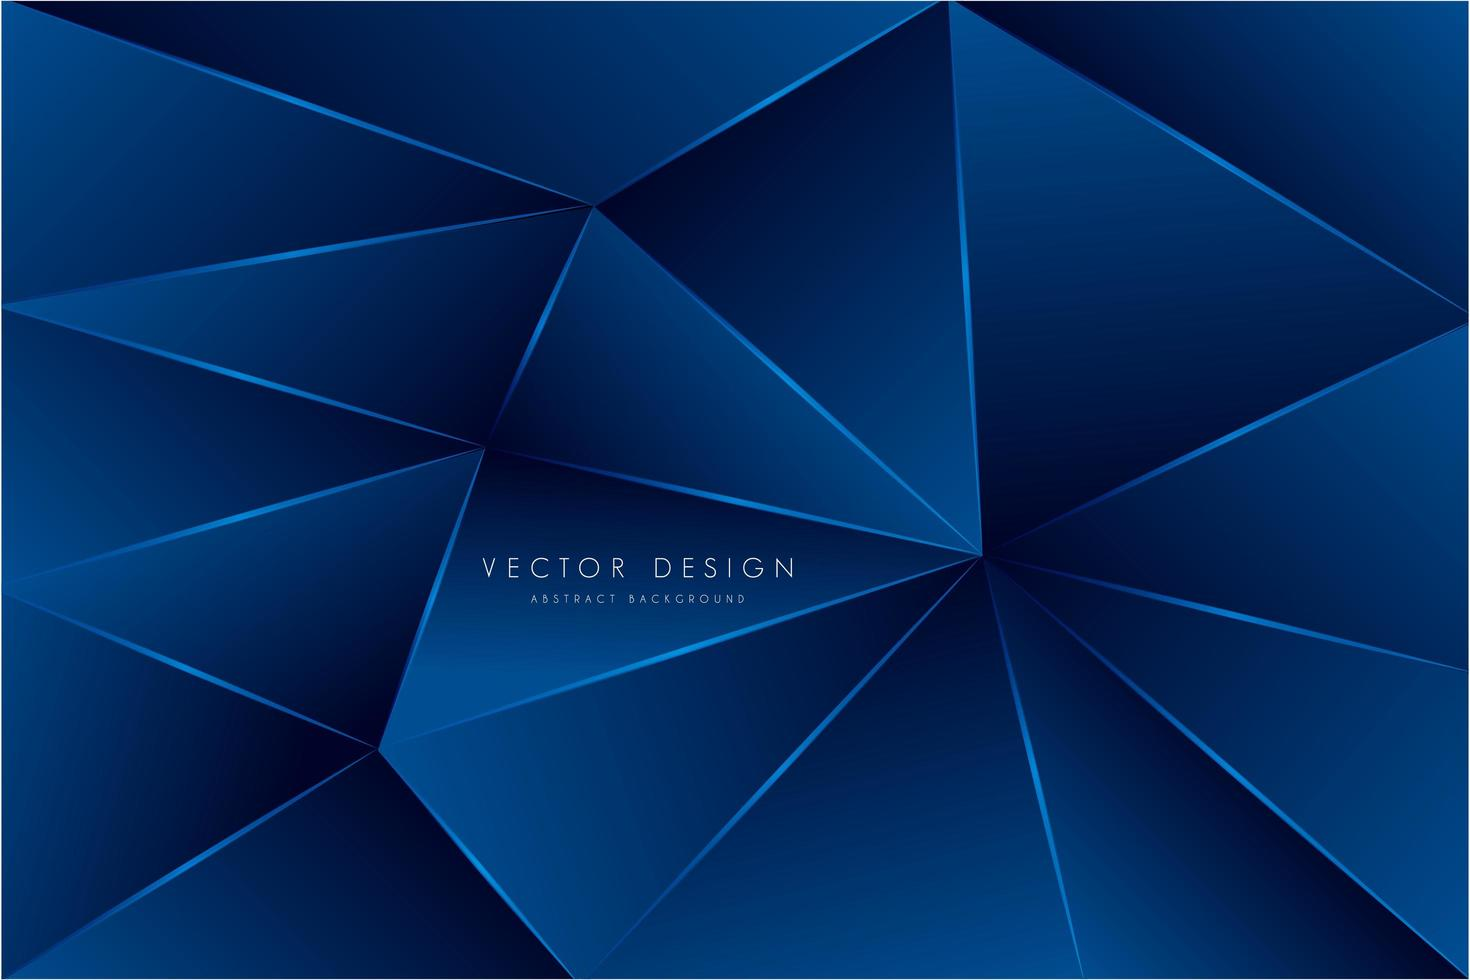 conception de polygone bleu métallique vecteur